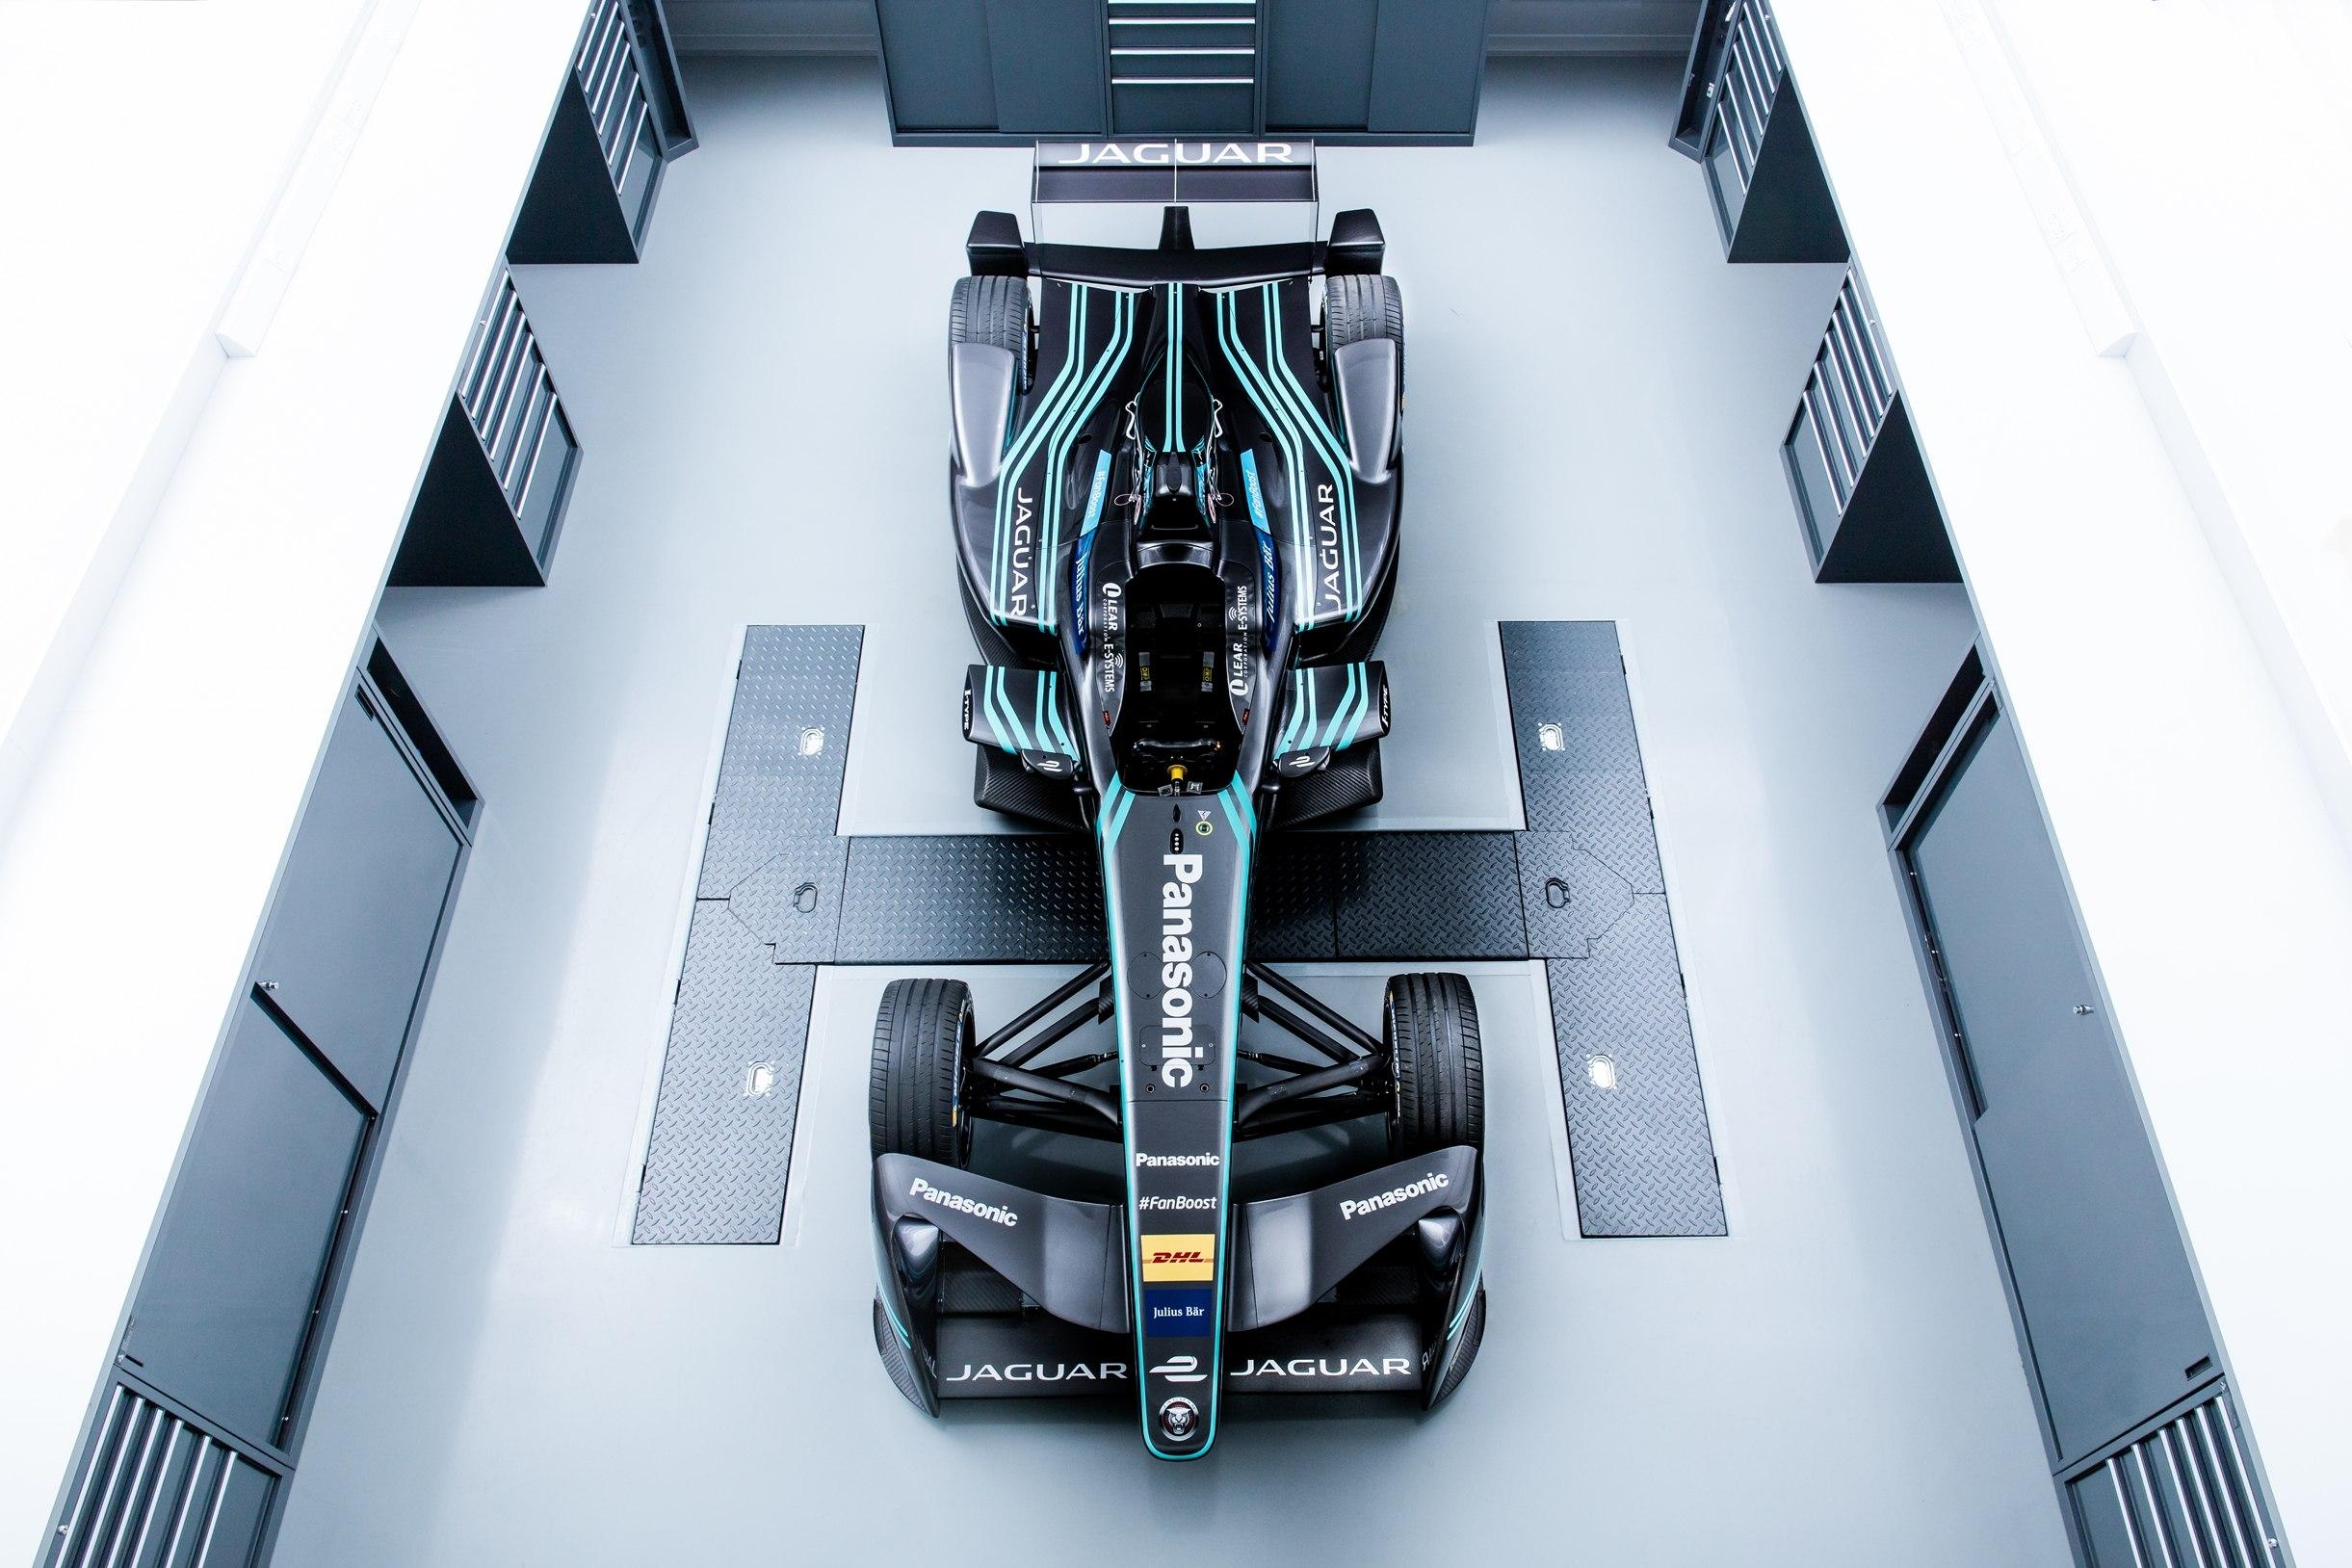 panasonic_jaguar_racing_formula_e_2_zoldautok